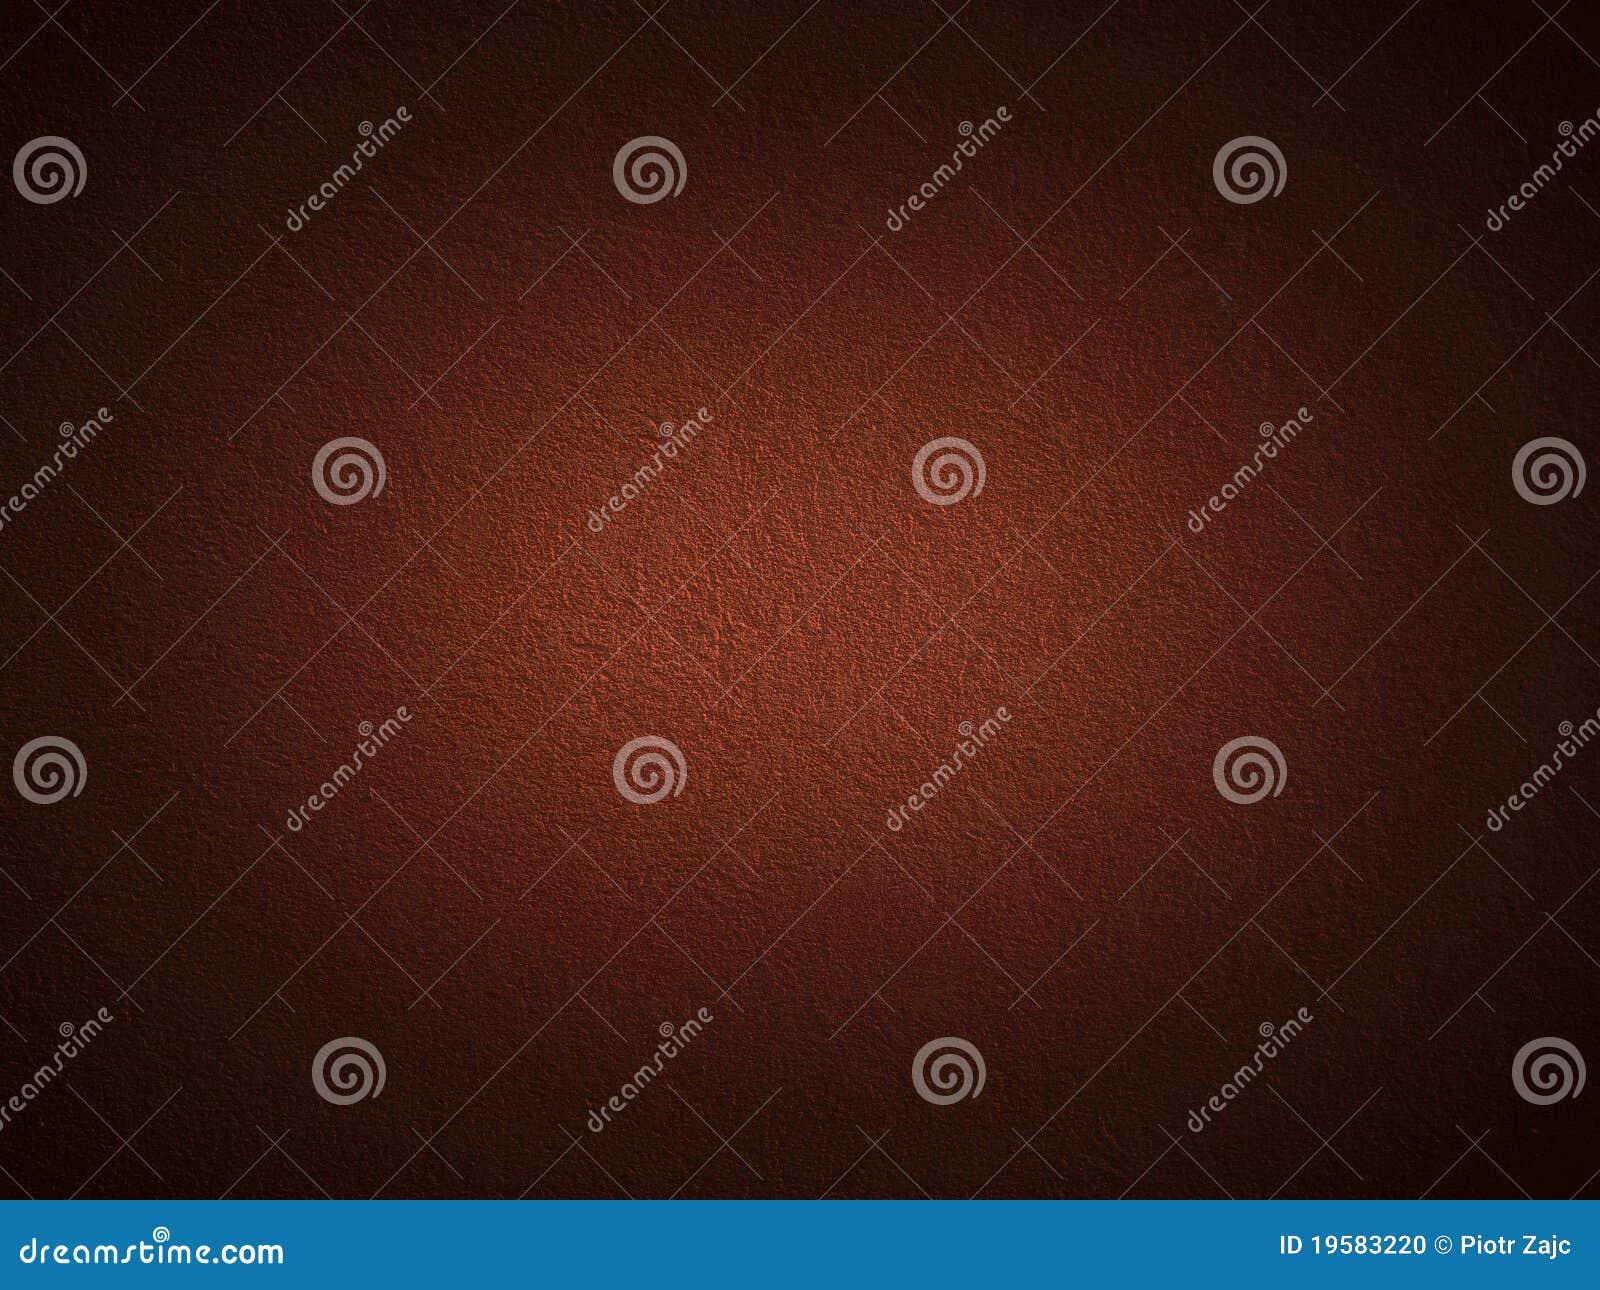 Grain Dark Red Paint Wall Stock Photo Image 19583220